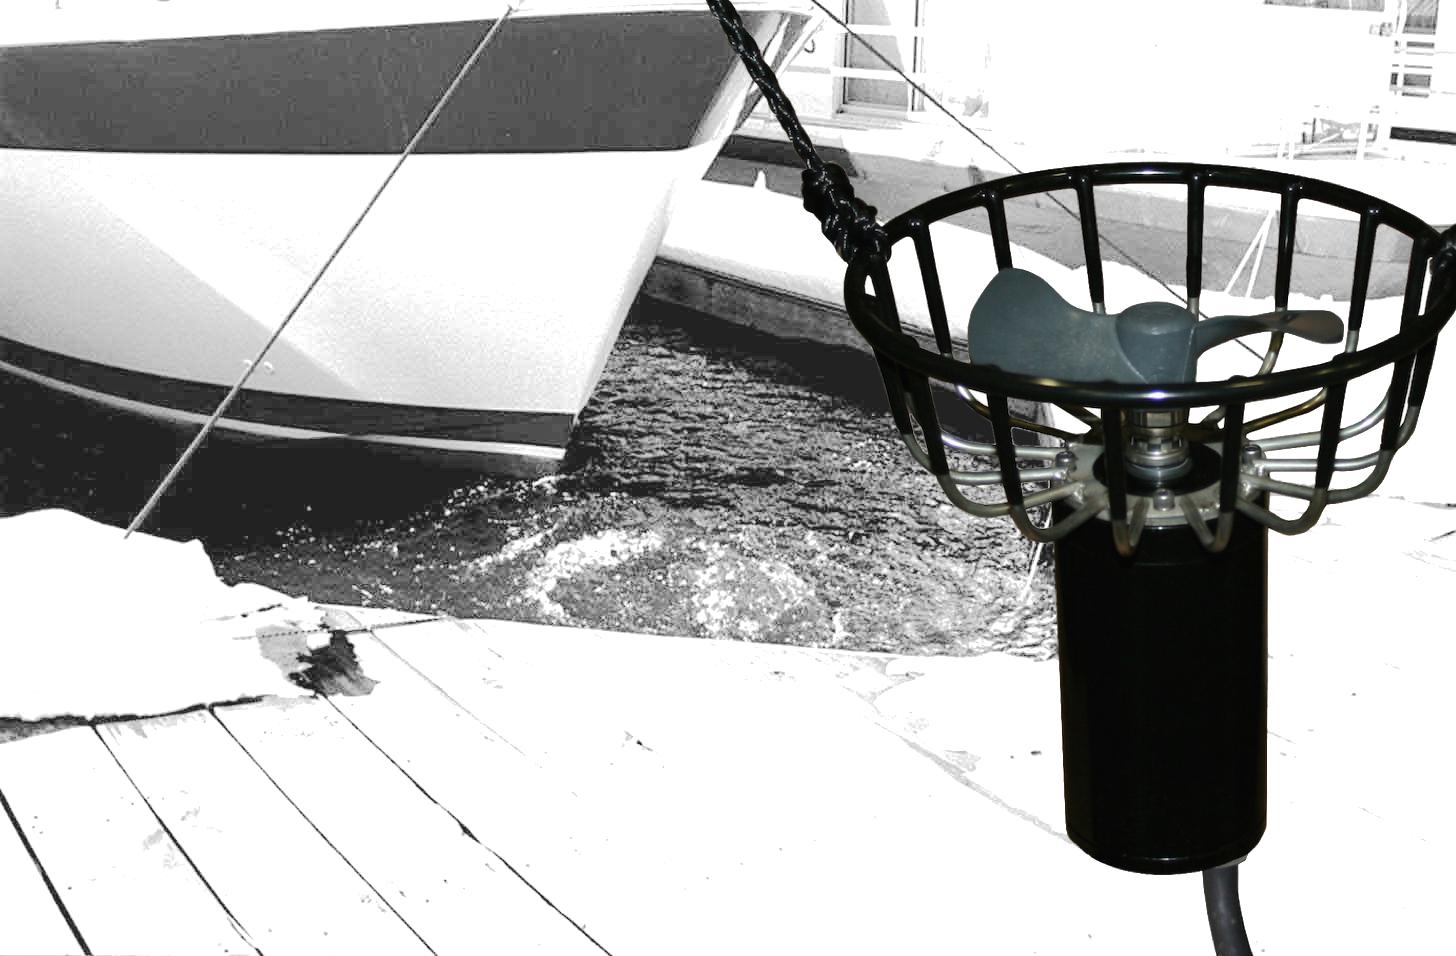 kasco maritiem-portable deicer-boat_bow kopie